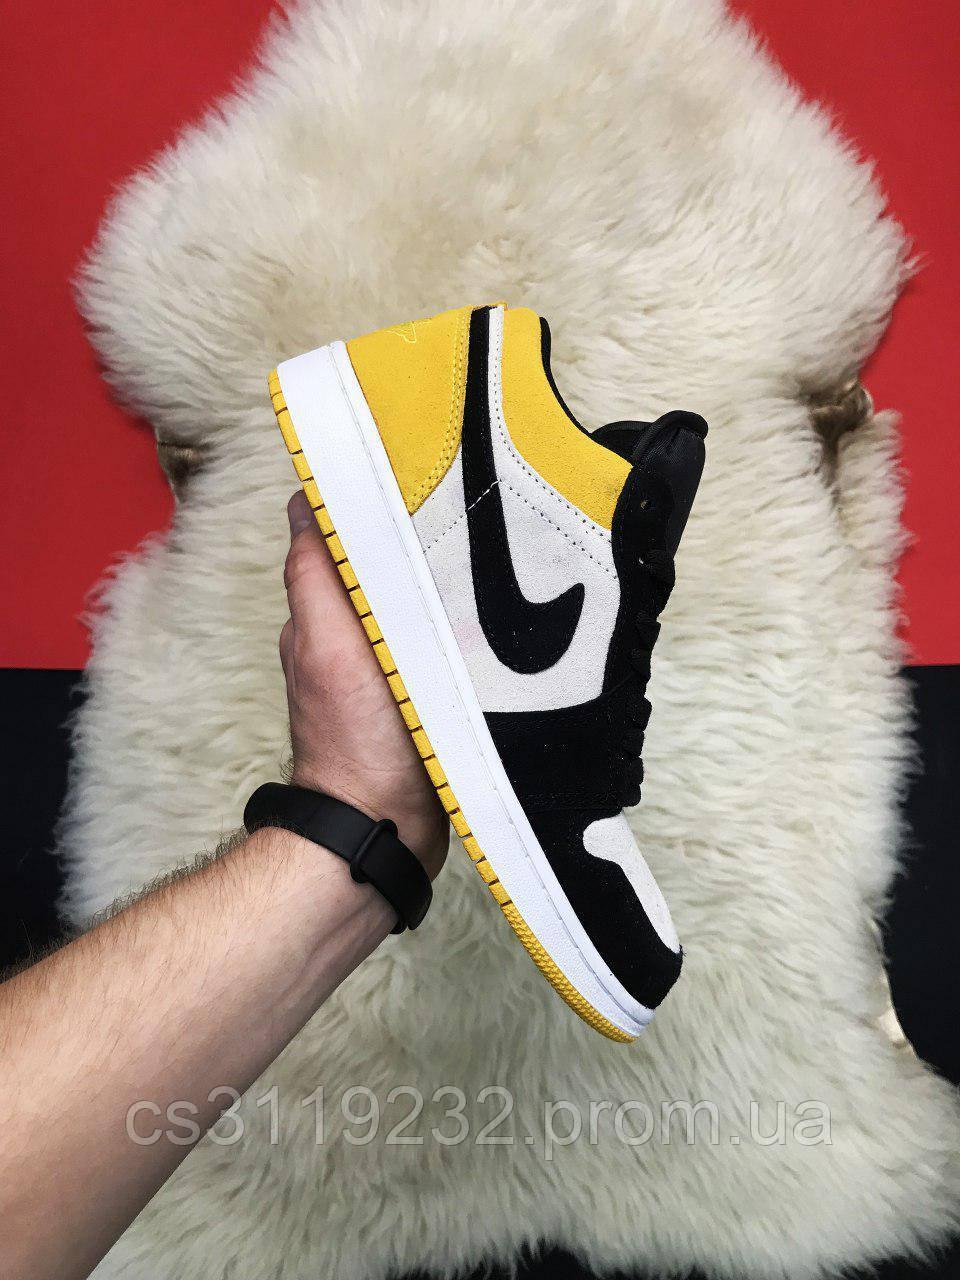 Мужские кроссовки Nike Air Jordan 1 Mid Yellow Black (многоцветные)